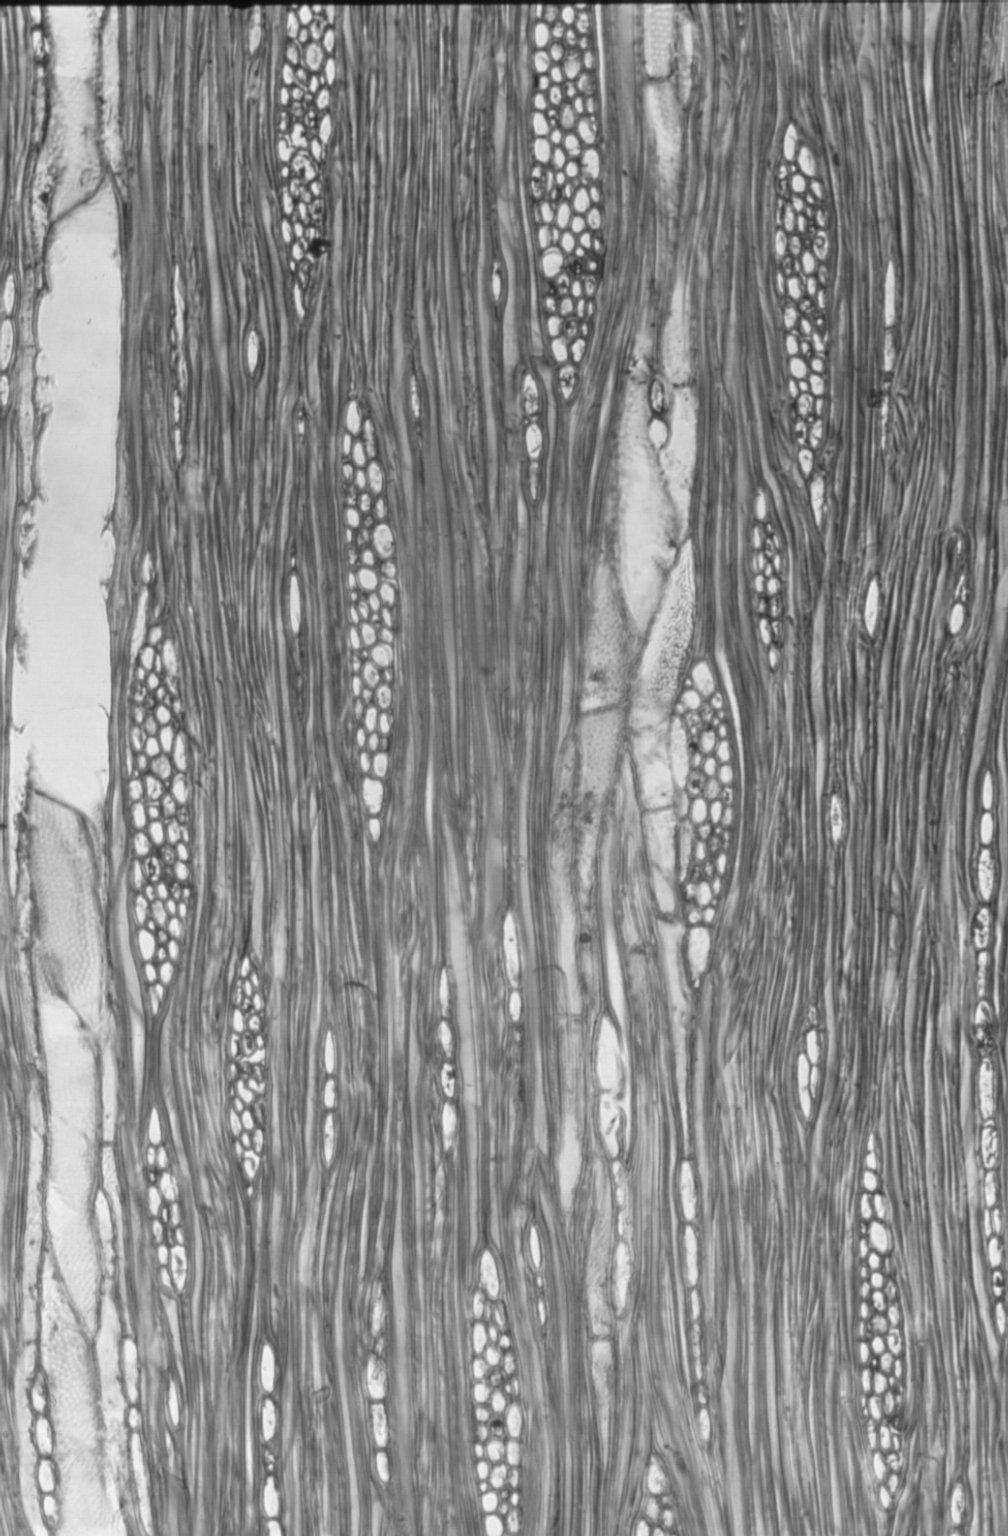 MYOPORACEAE Eremophila mitchelli